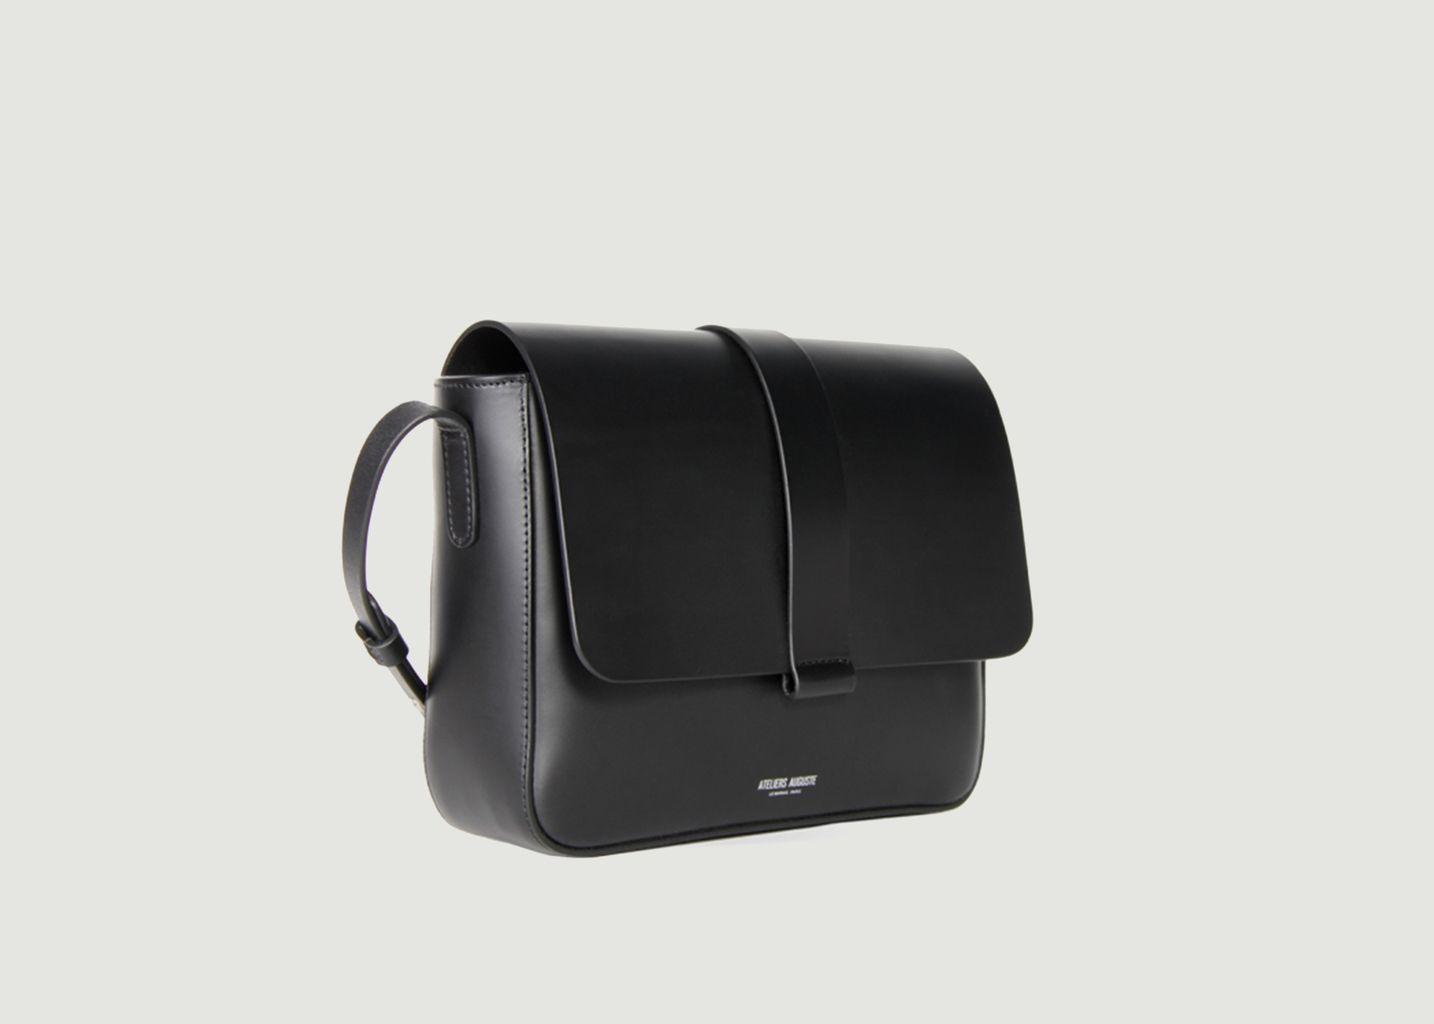 5747ab0cb9a6 Monceau Handbag Black Ateliers Auguste